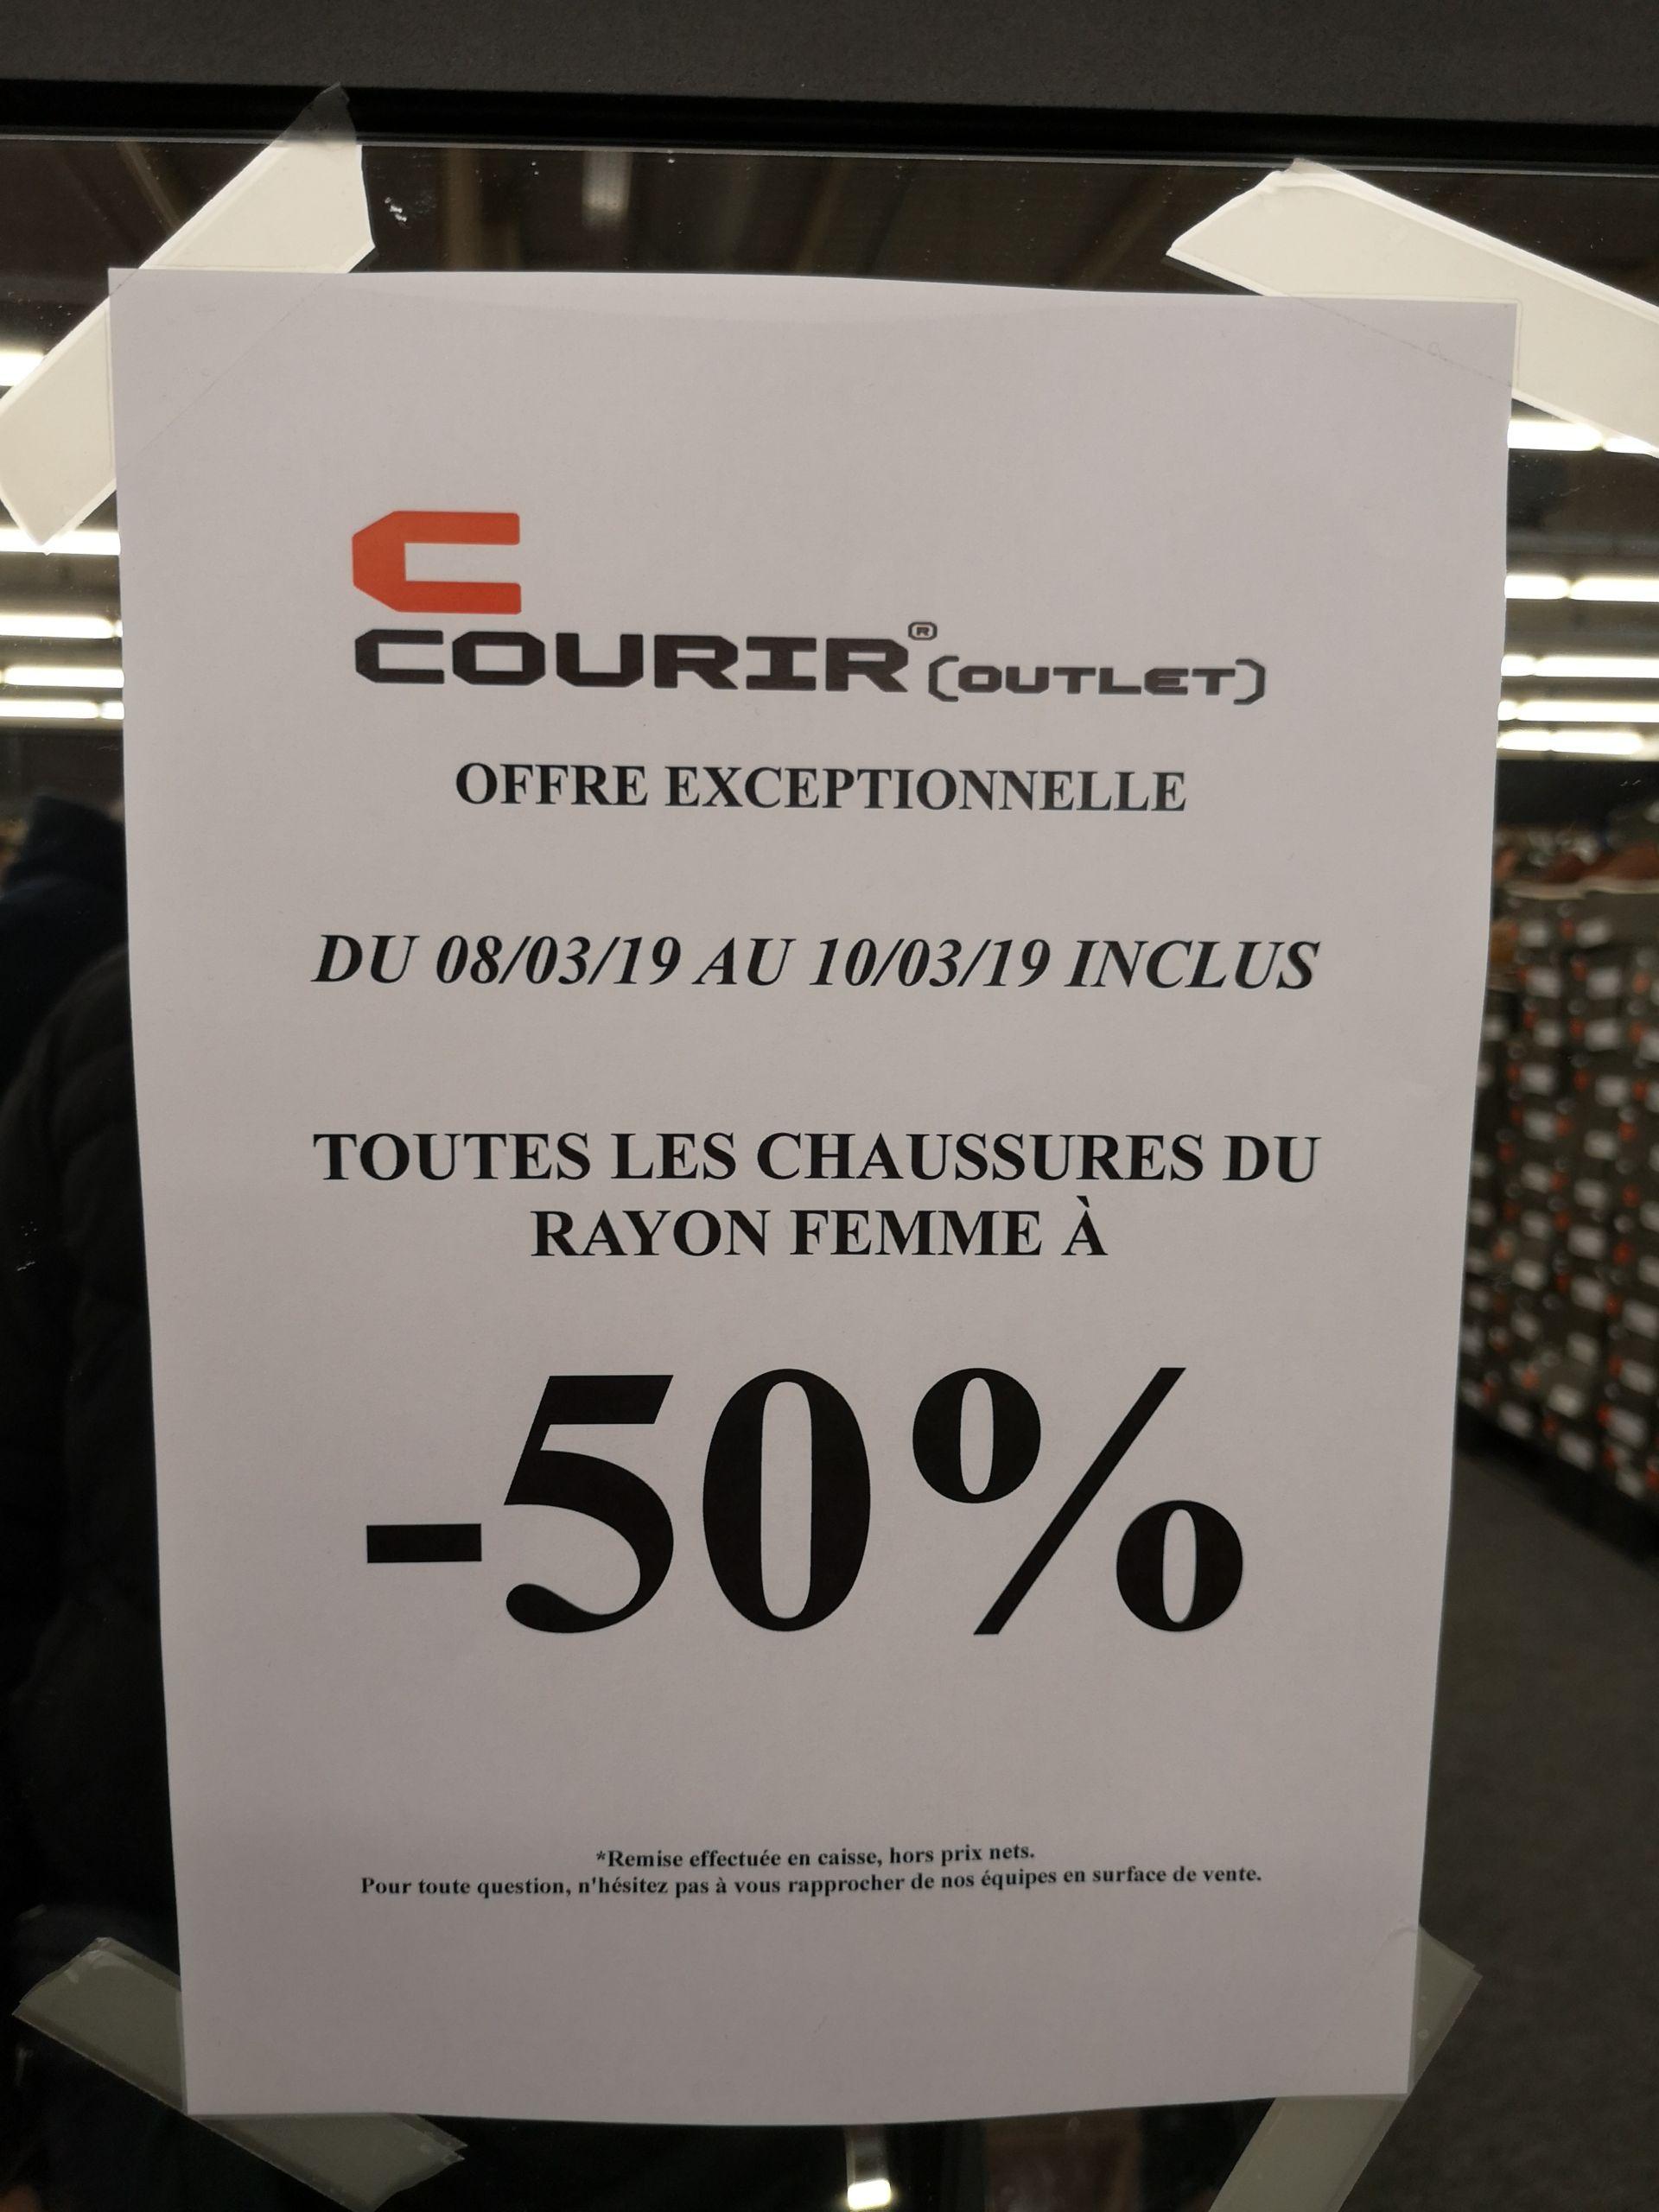 -50% sur toutes les chaussures du rayon femme - Villepinte (93)